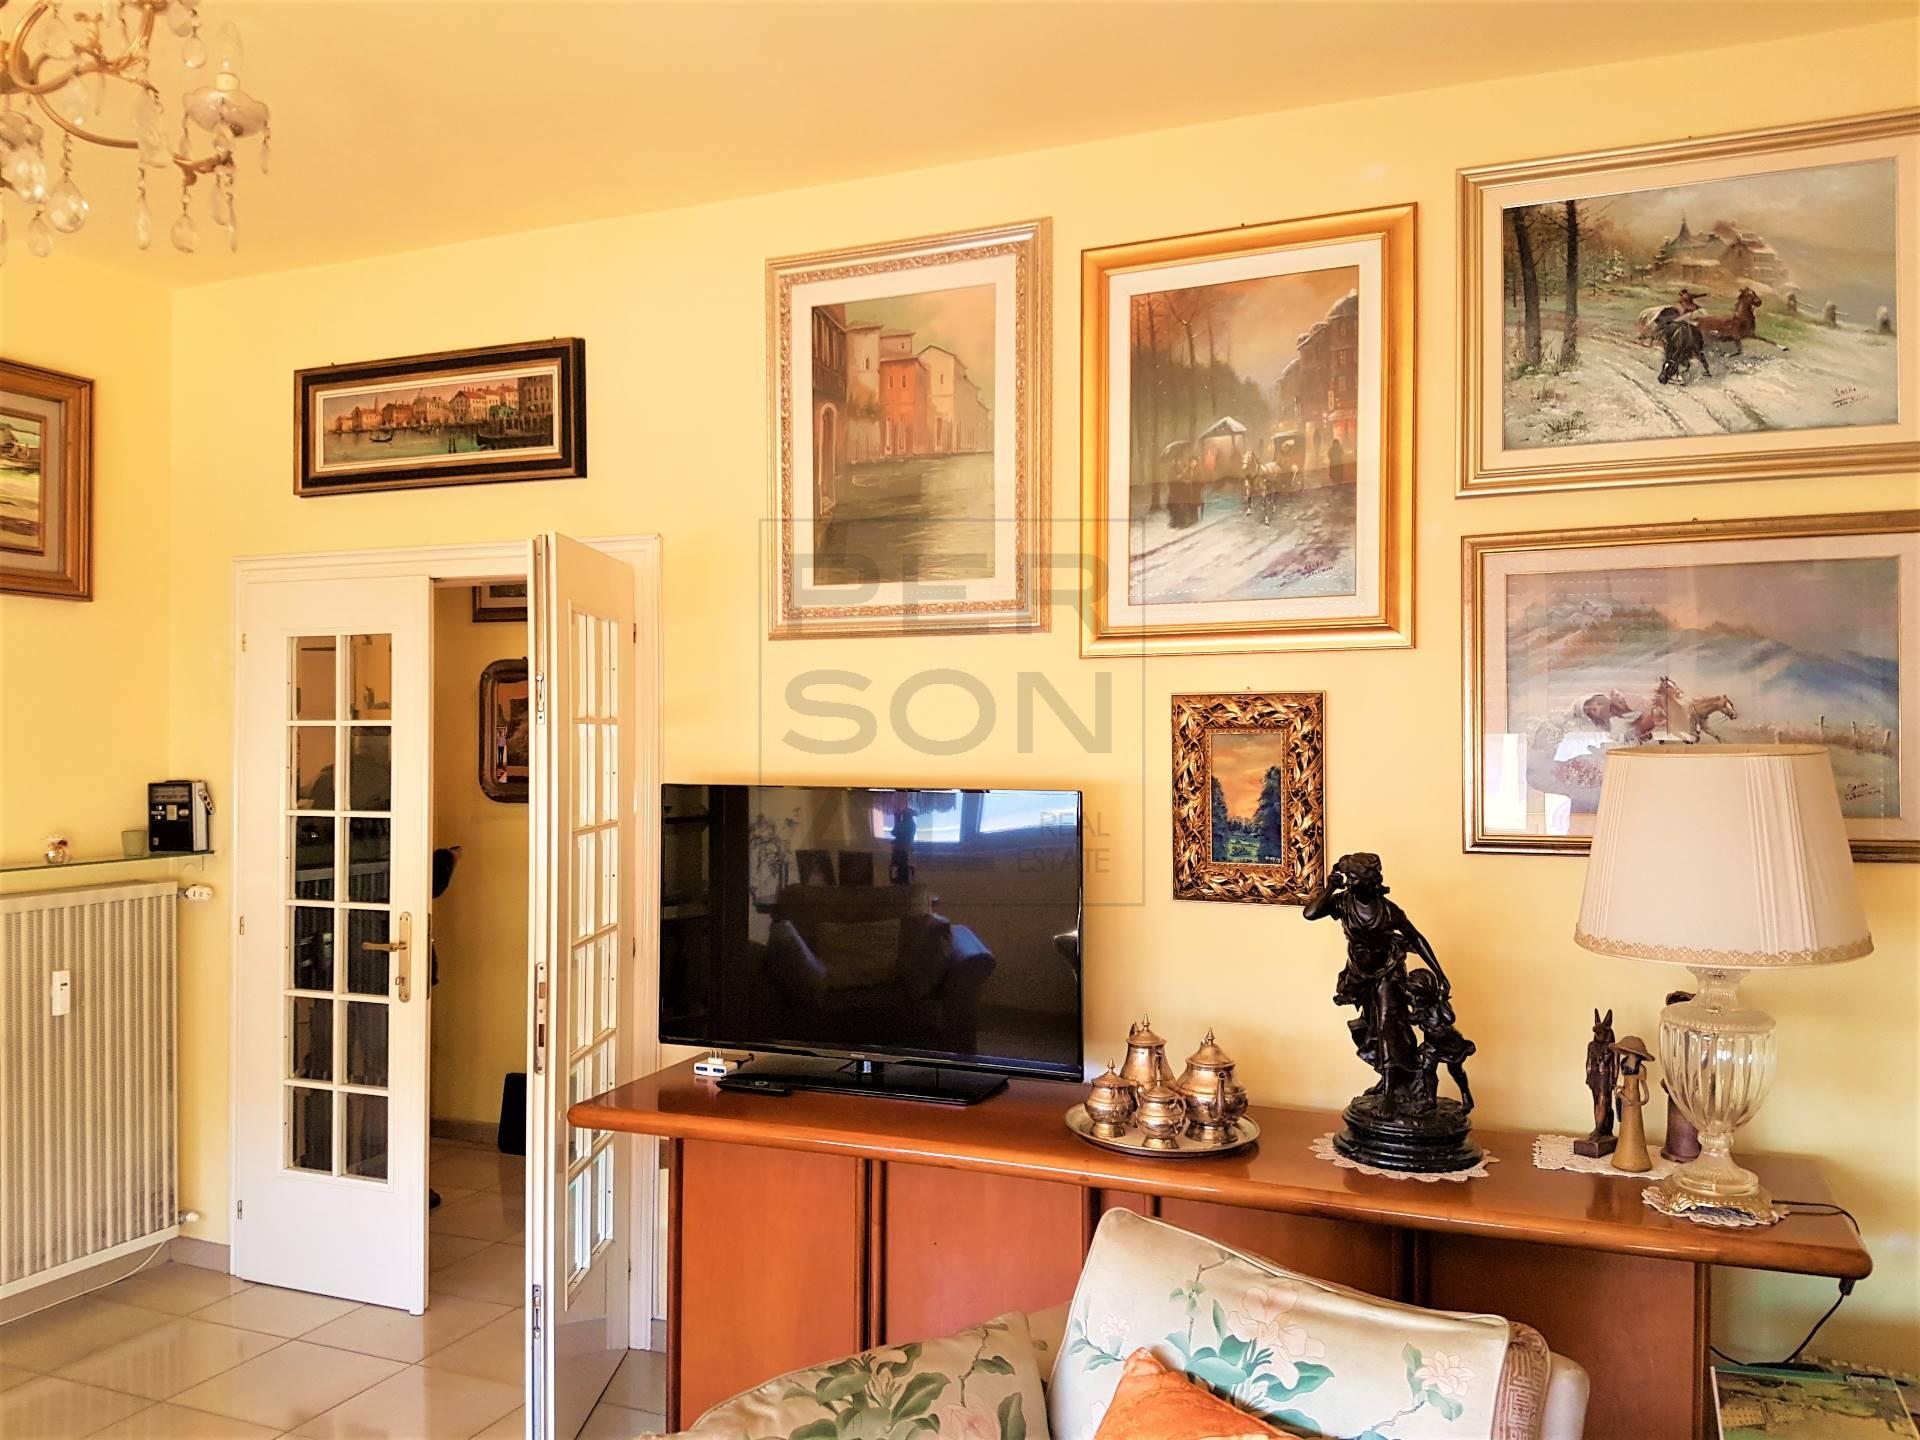 Appartamento in vendita a Lavis, 4 locali, zona Località: Lavis, prezzo € 249.000   Cambio Casa.it